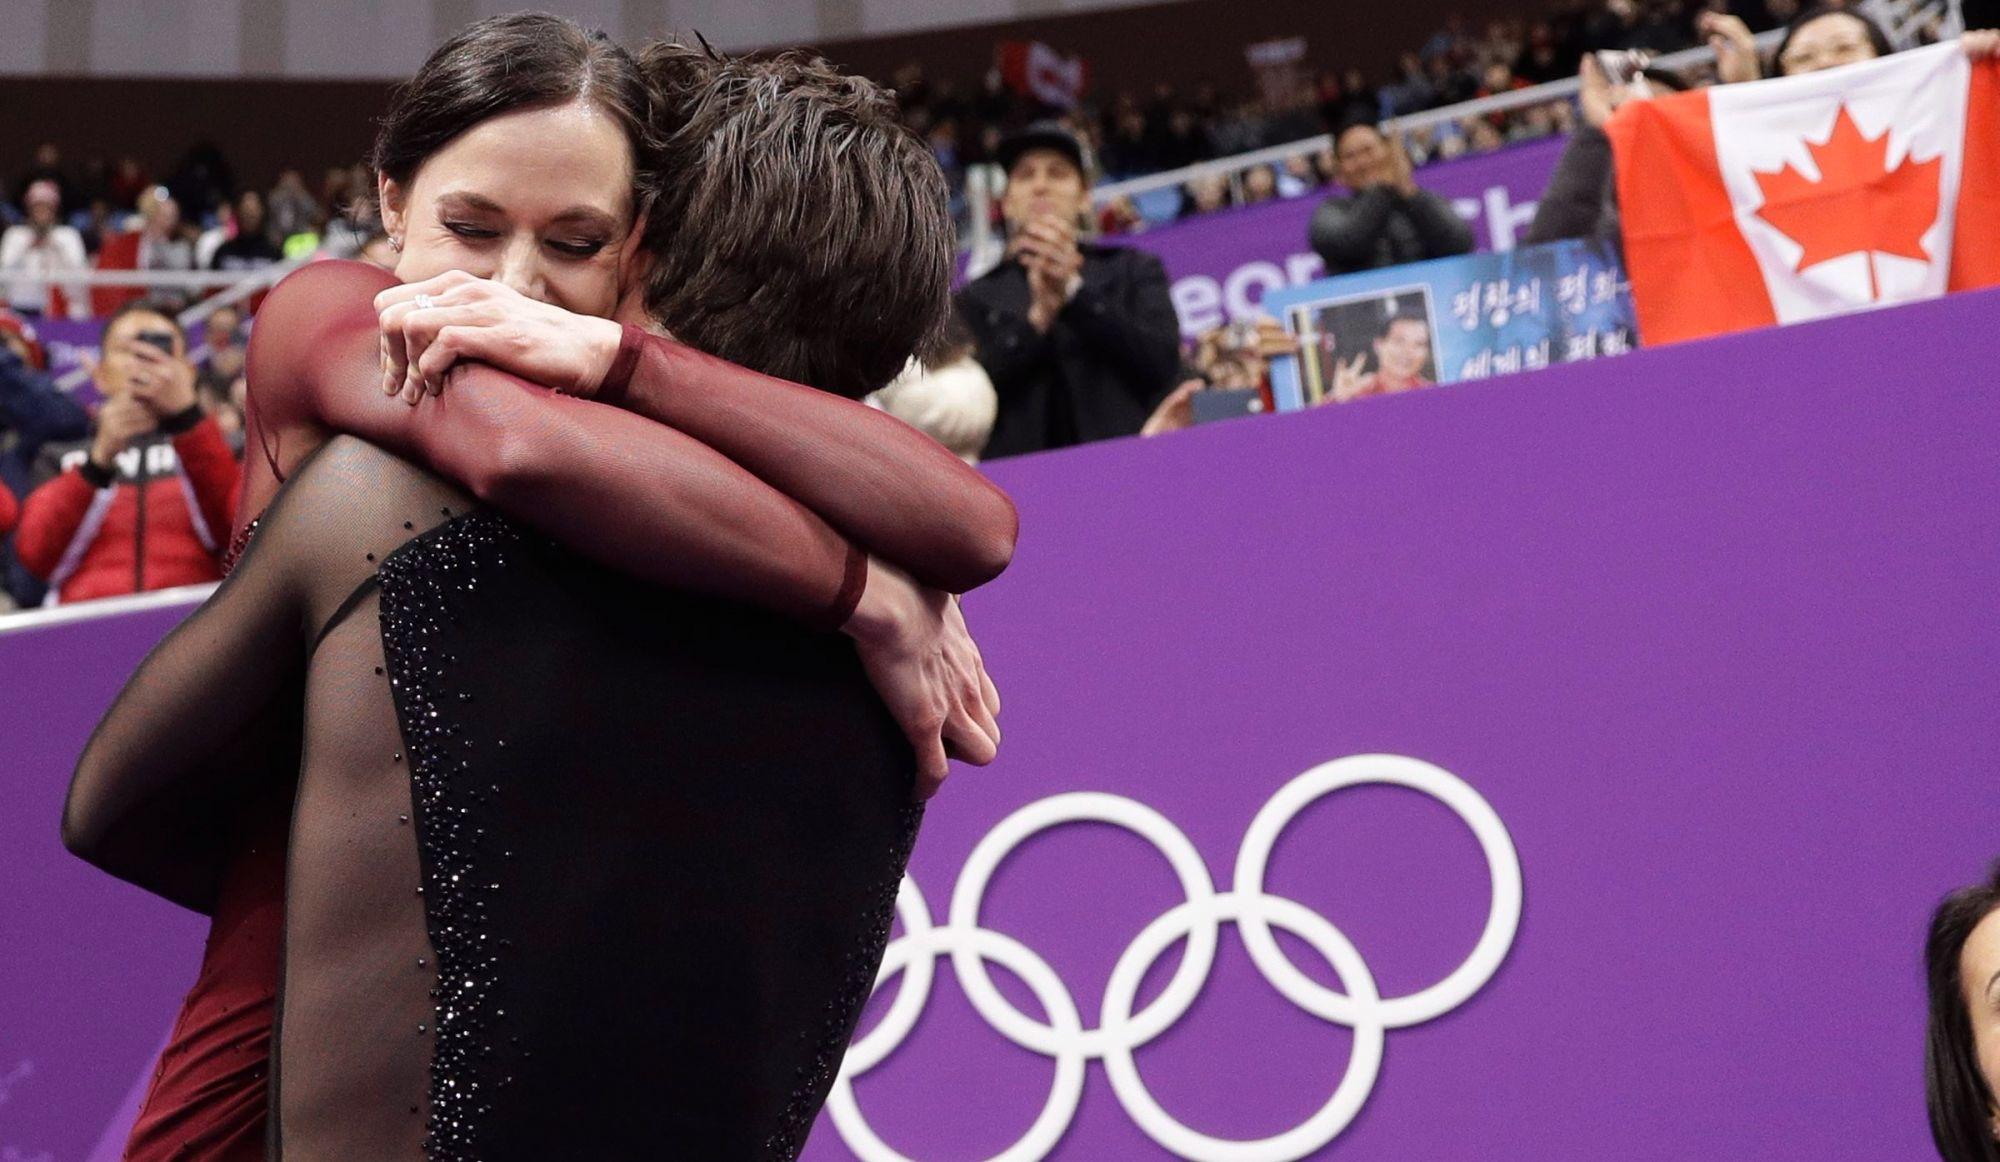 Les 10 coups de coeur des Jeux olympiques de Pyeongchang